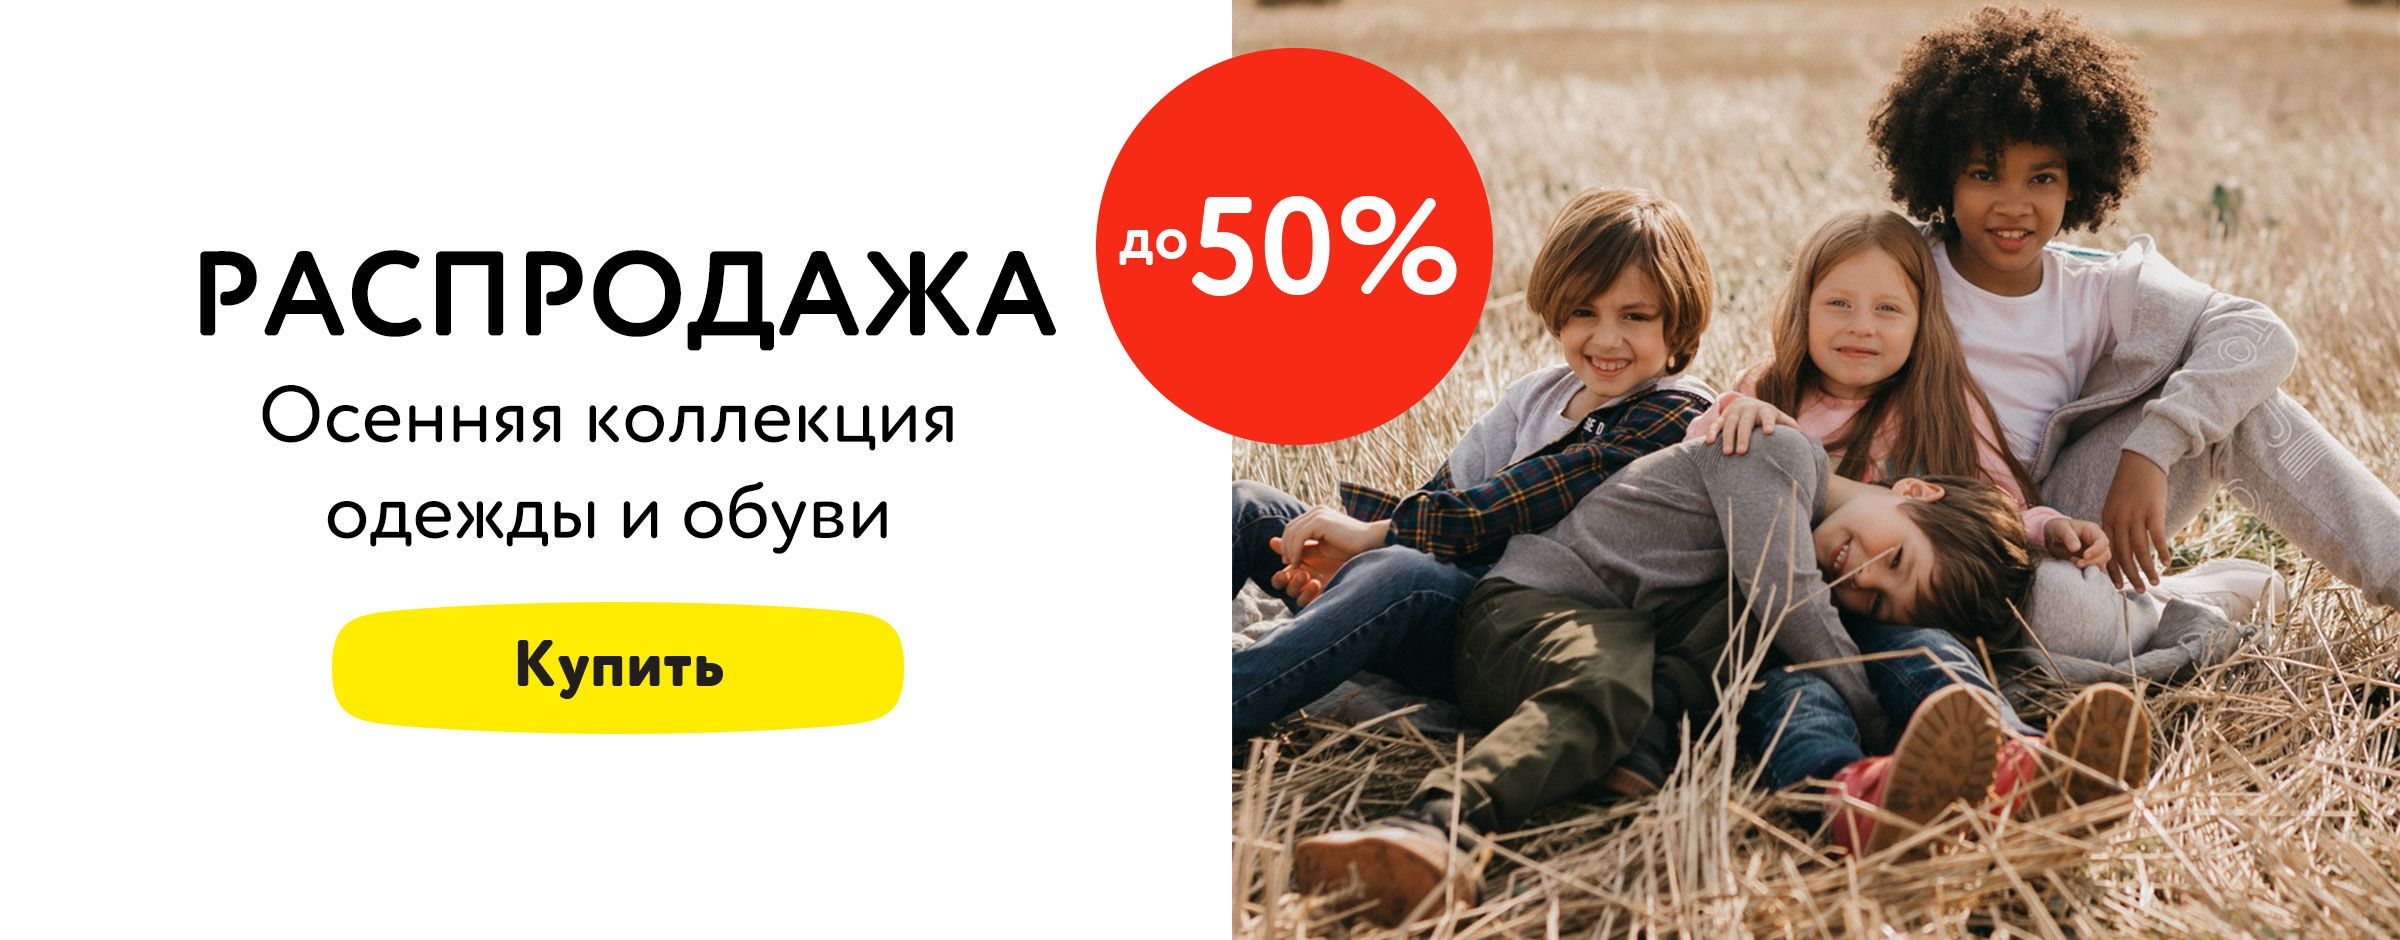 До 50% на осеннюю коллекцию одежды и обуви